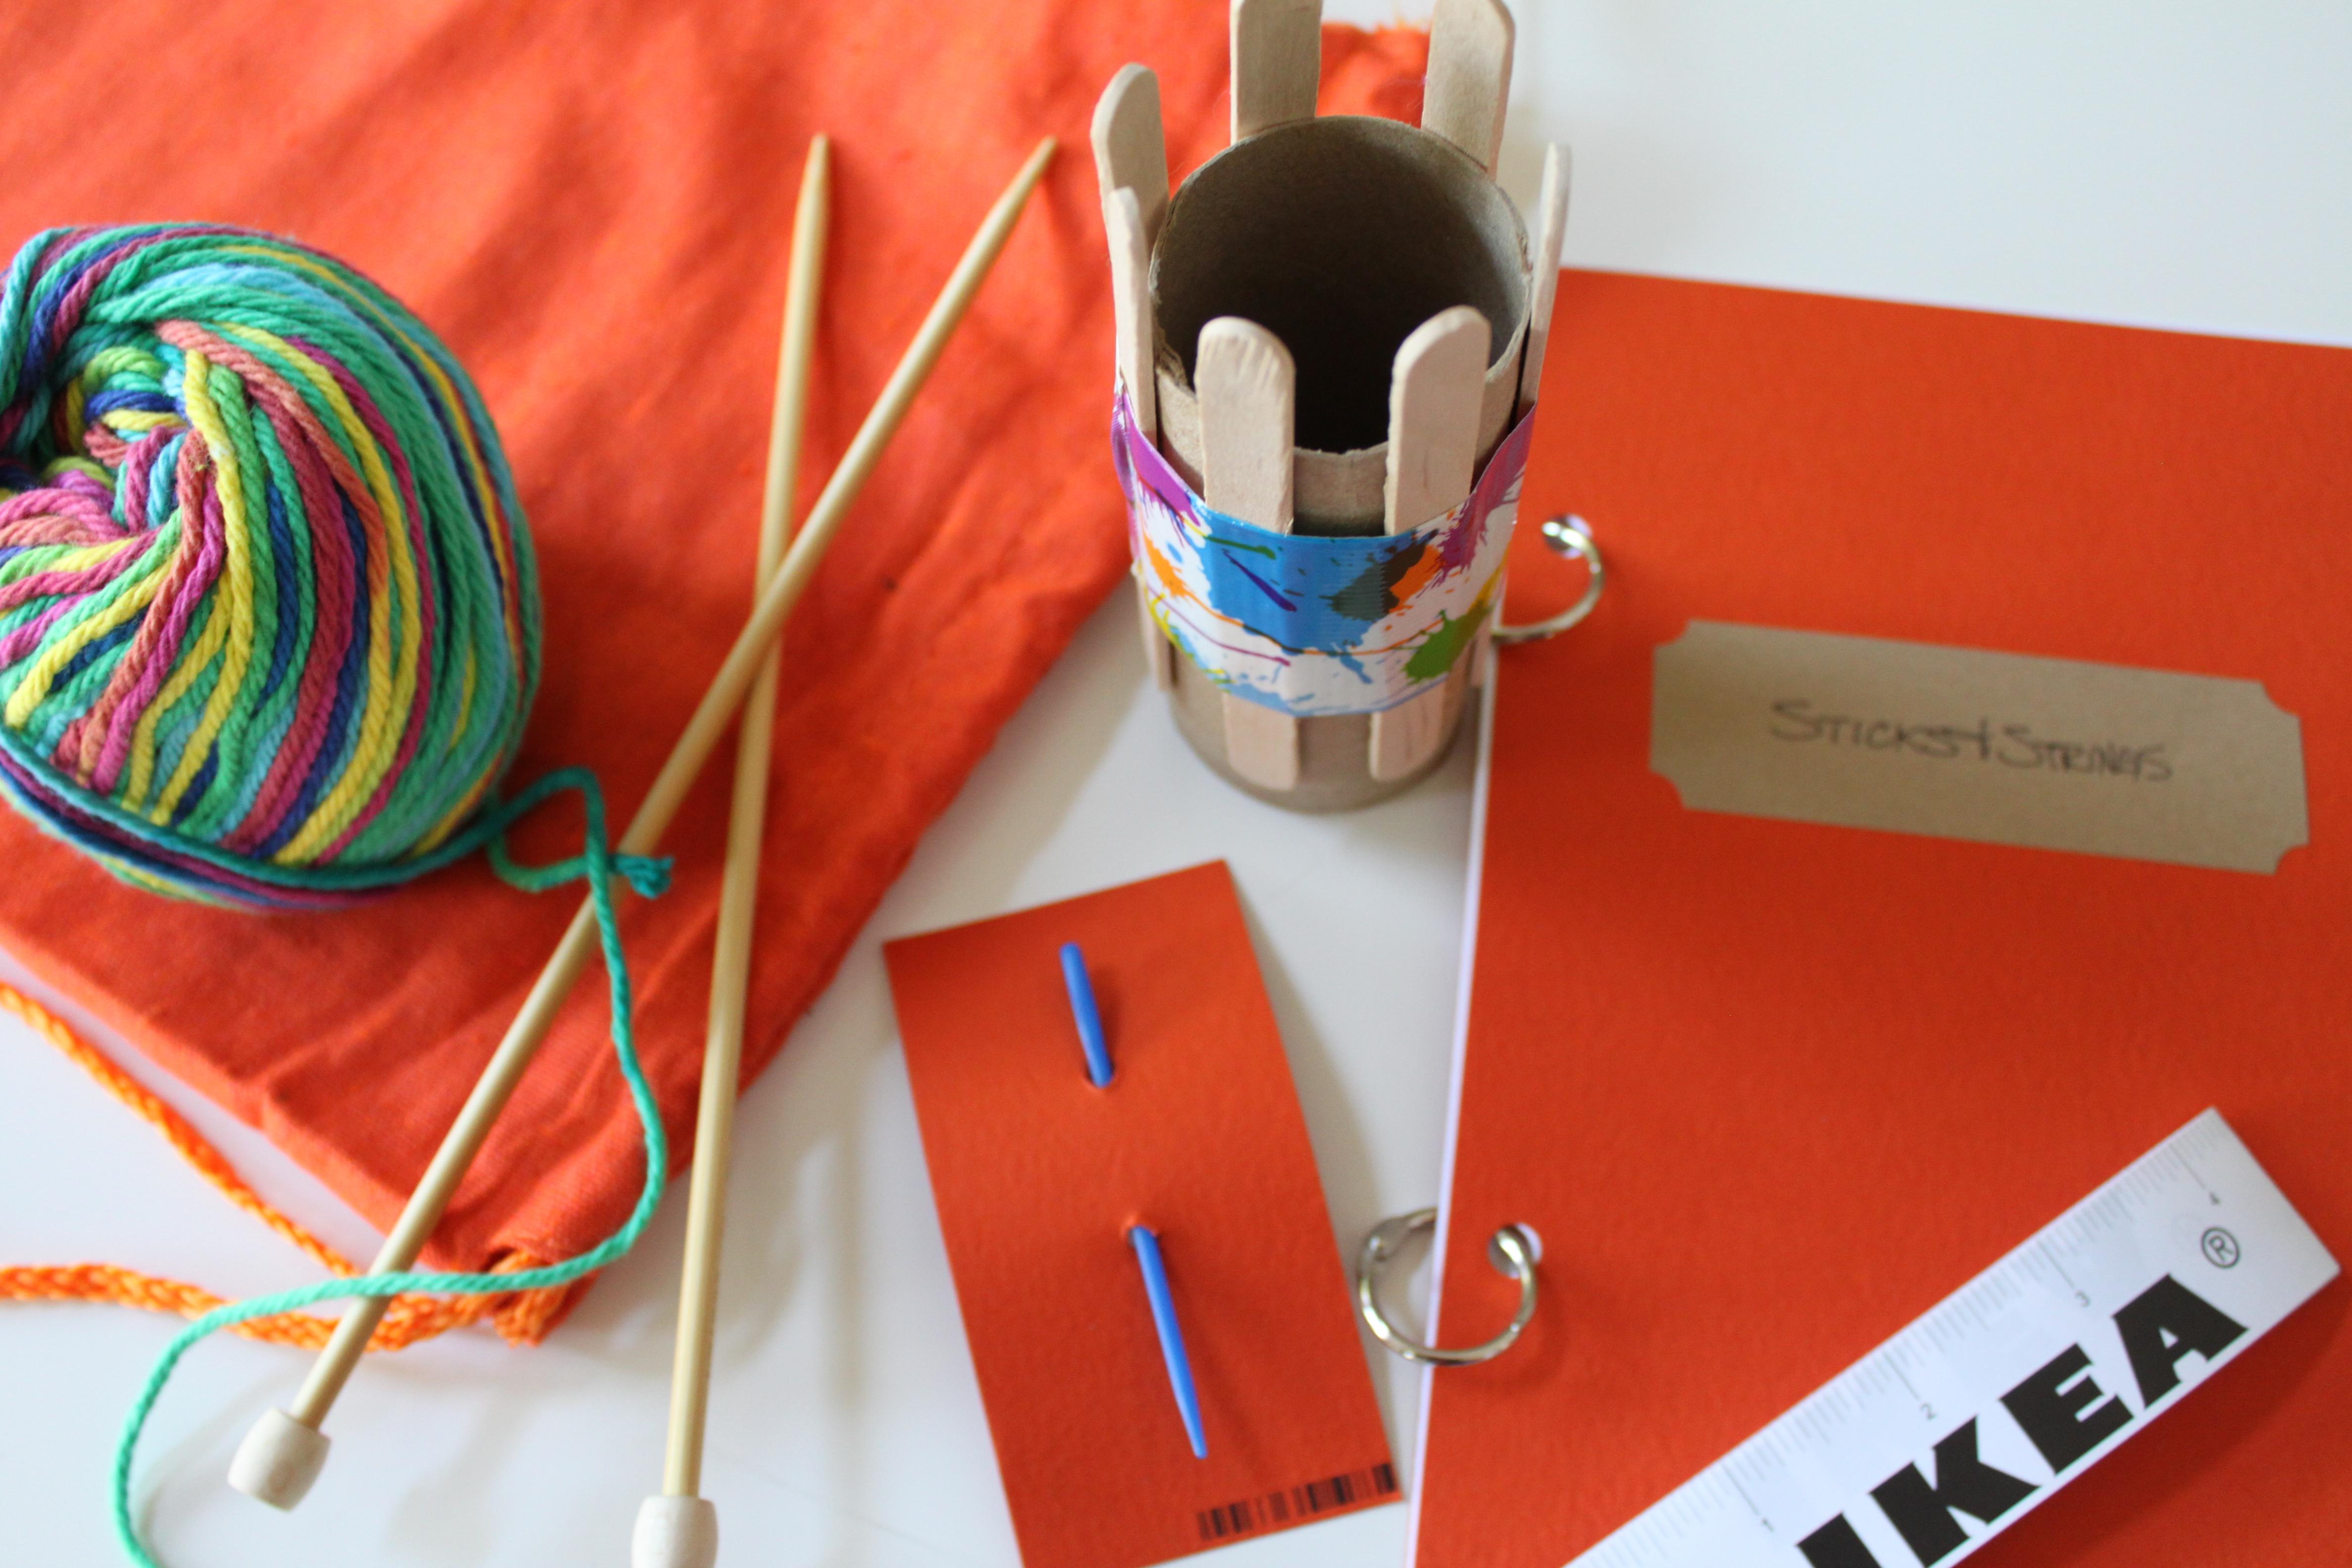 Knitting Nancy Toilet Paper Roll : Toilet paper roll knitting nancy idea groovy belt my